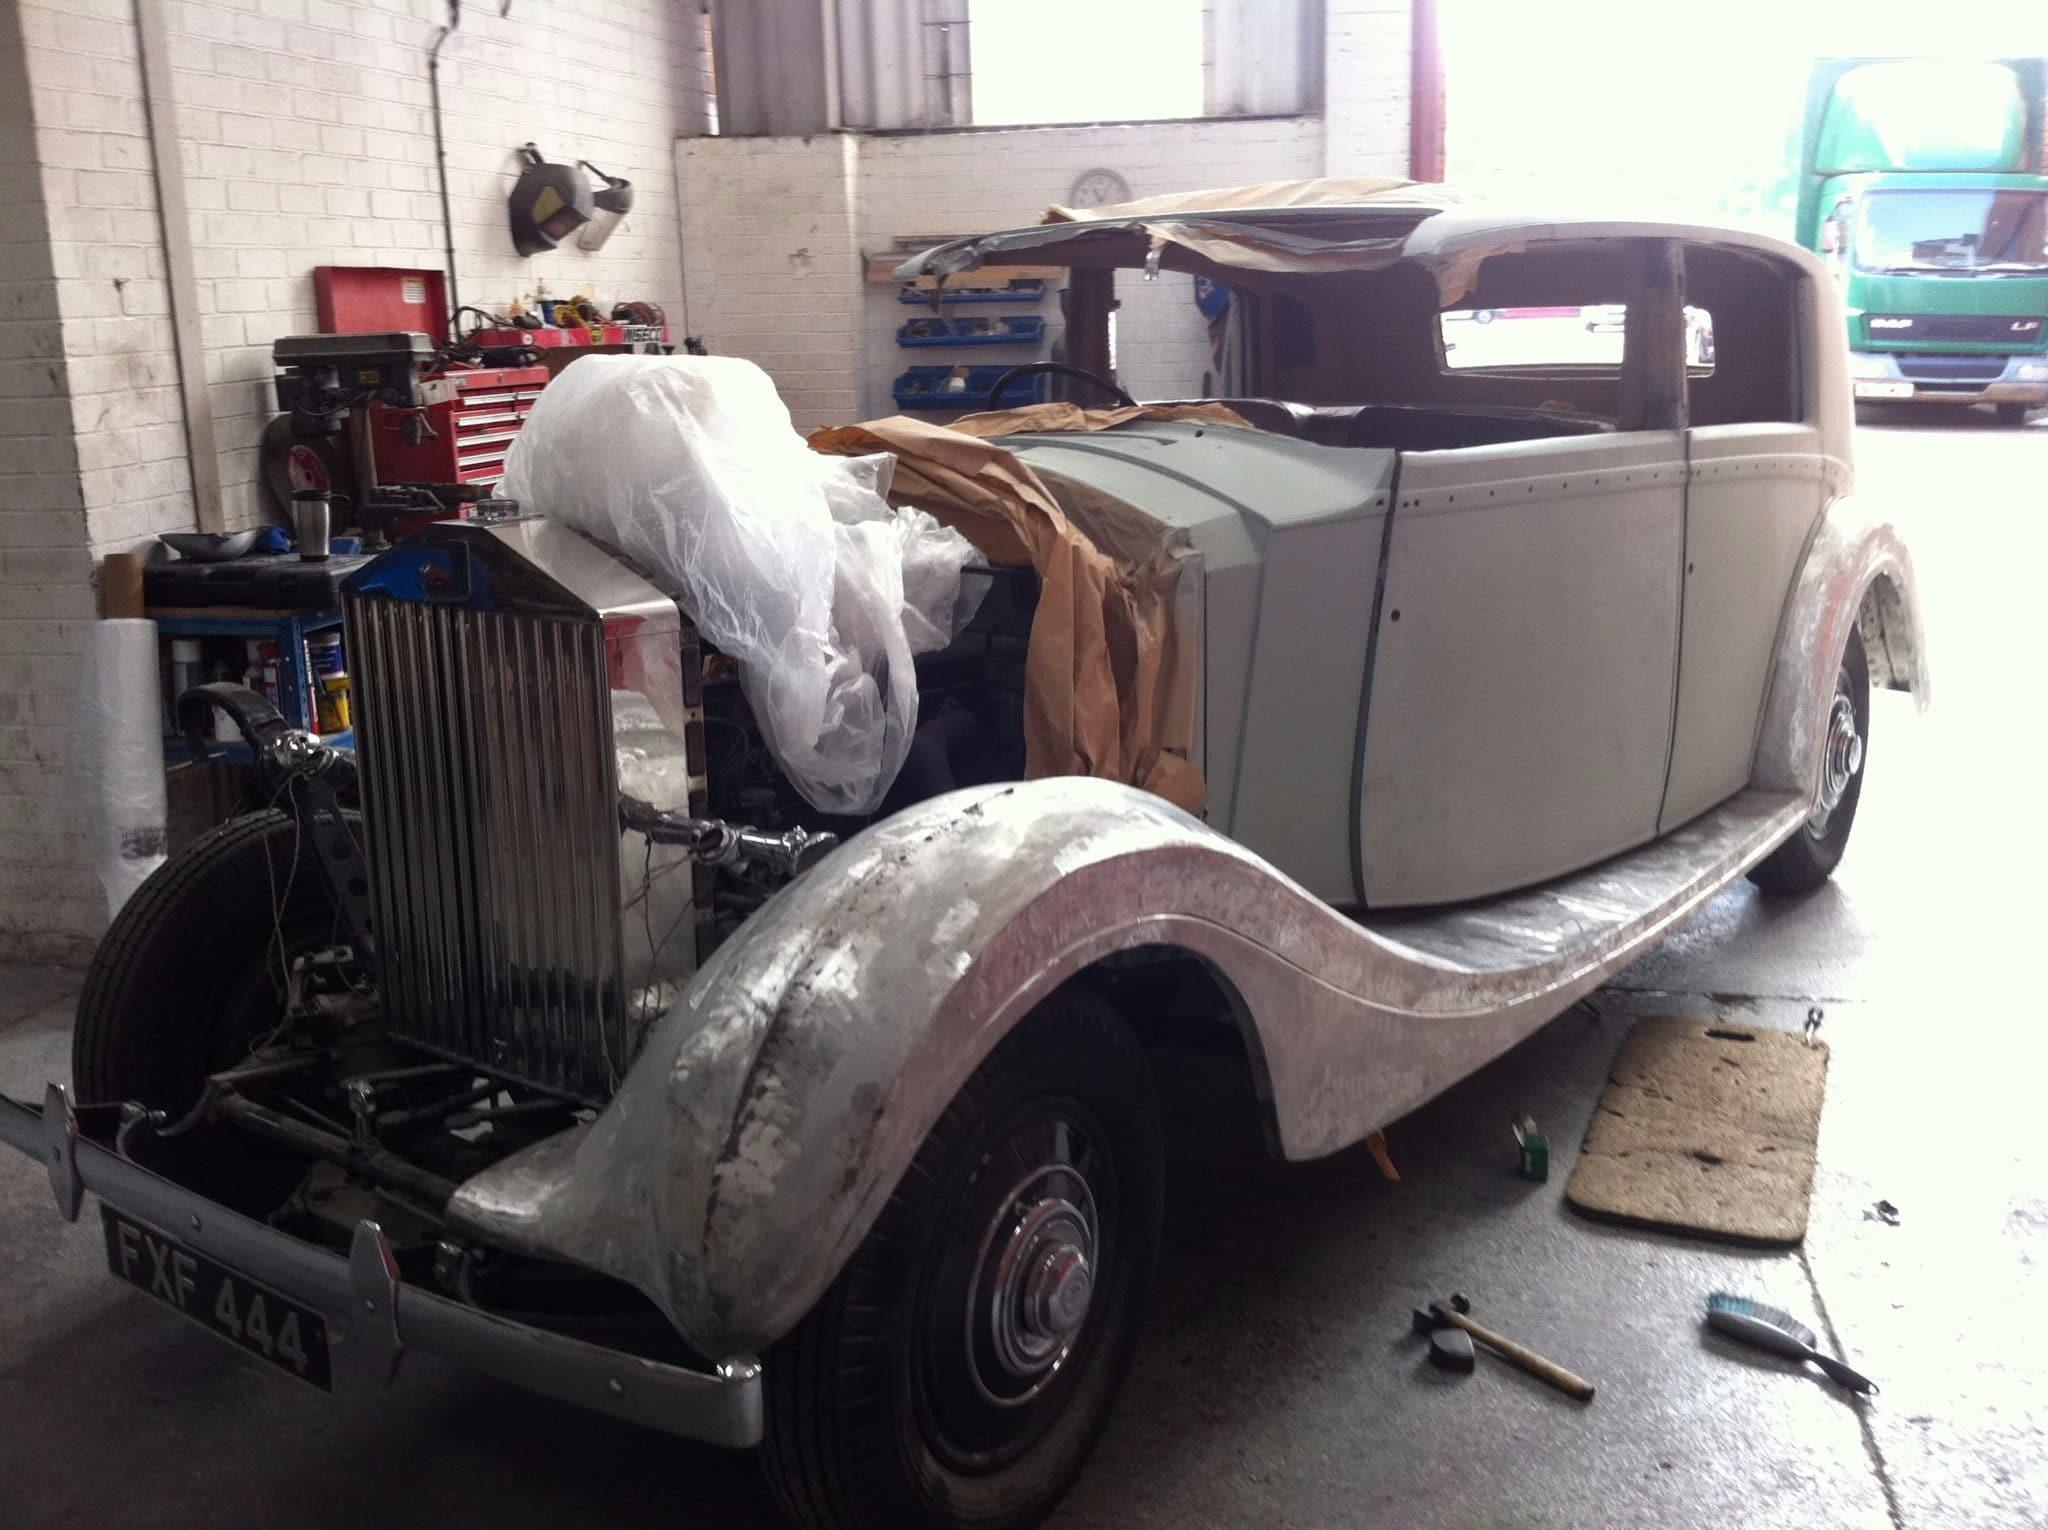 Rolls Royce pps in progress